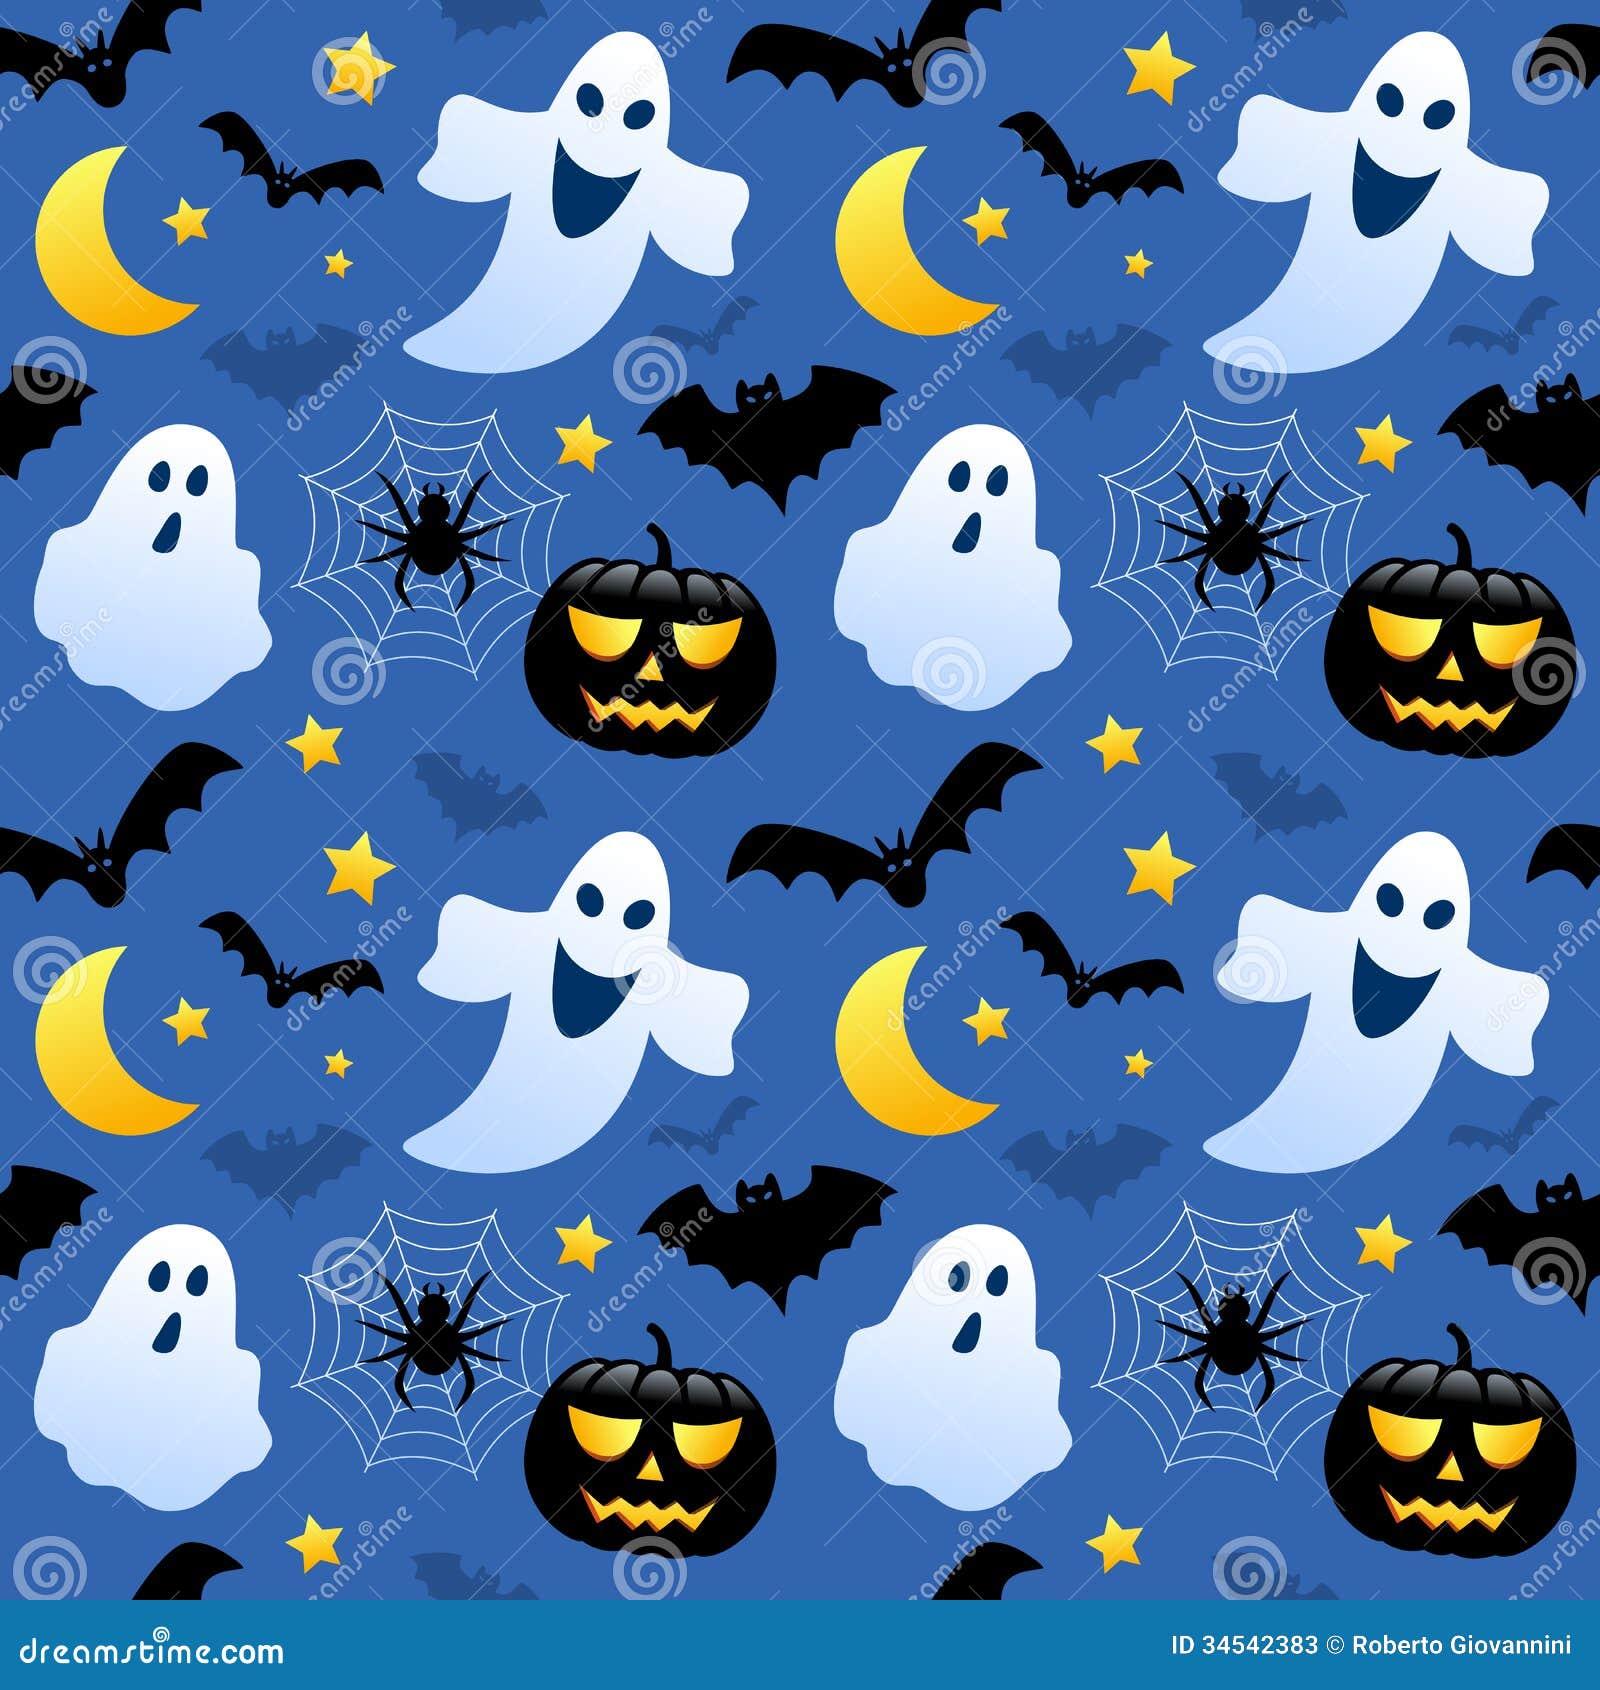 Popular Wallpaper Halloween Ghost - halloween-ghosts-seamless-pattern-black-pumpkins-bats-blue-background-useful-also-as-design-element-texture-34542383  Trends_217821.jpg